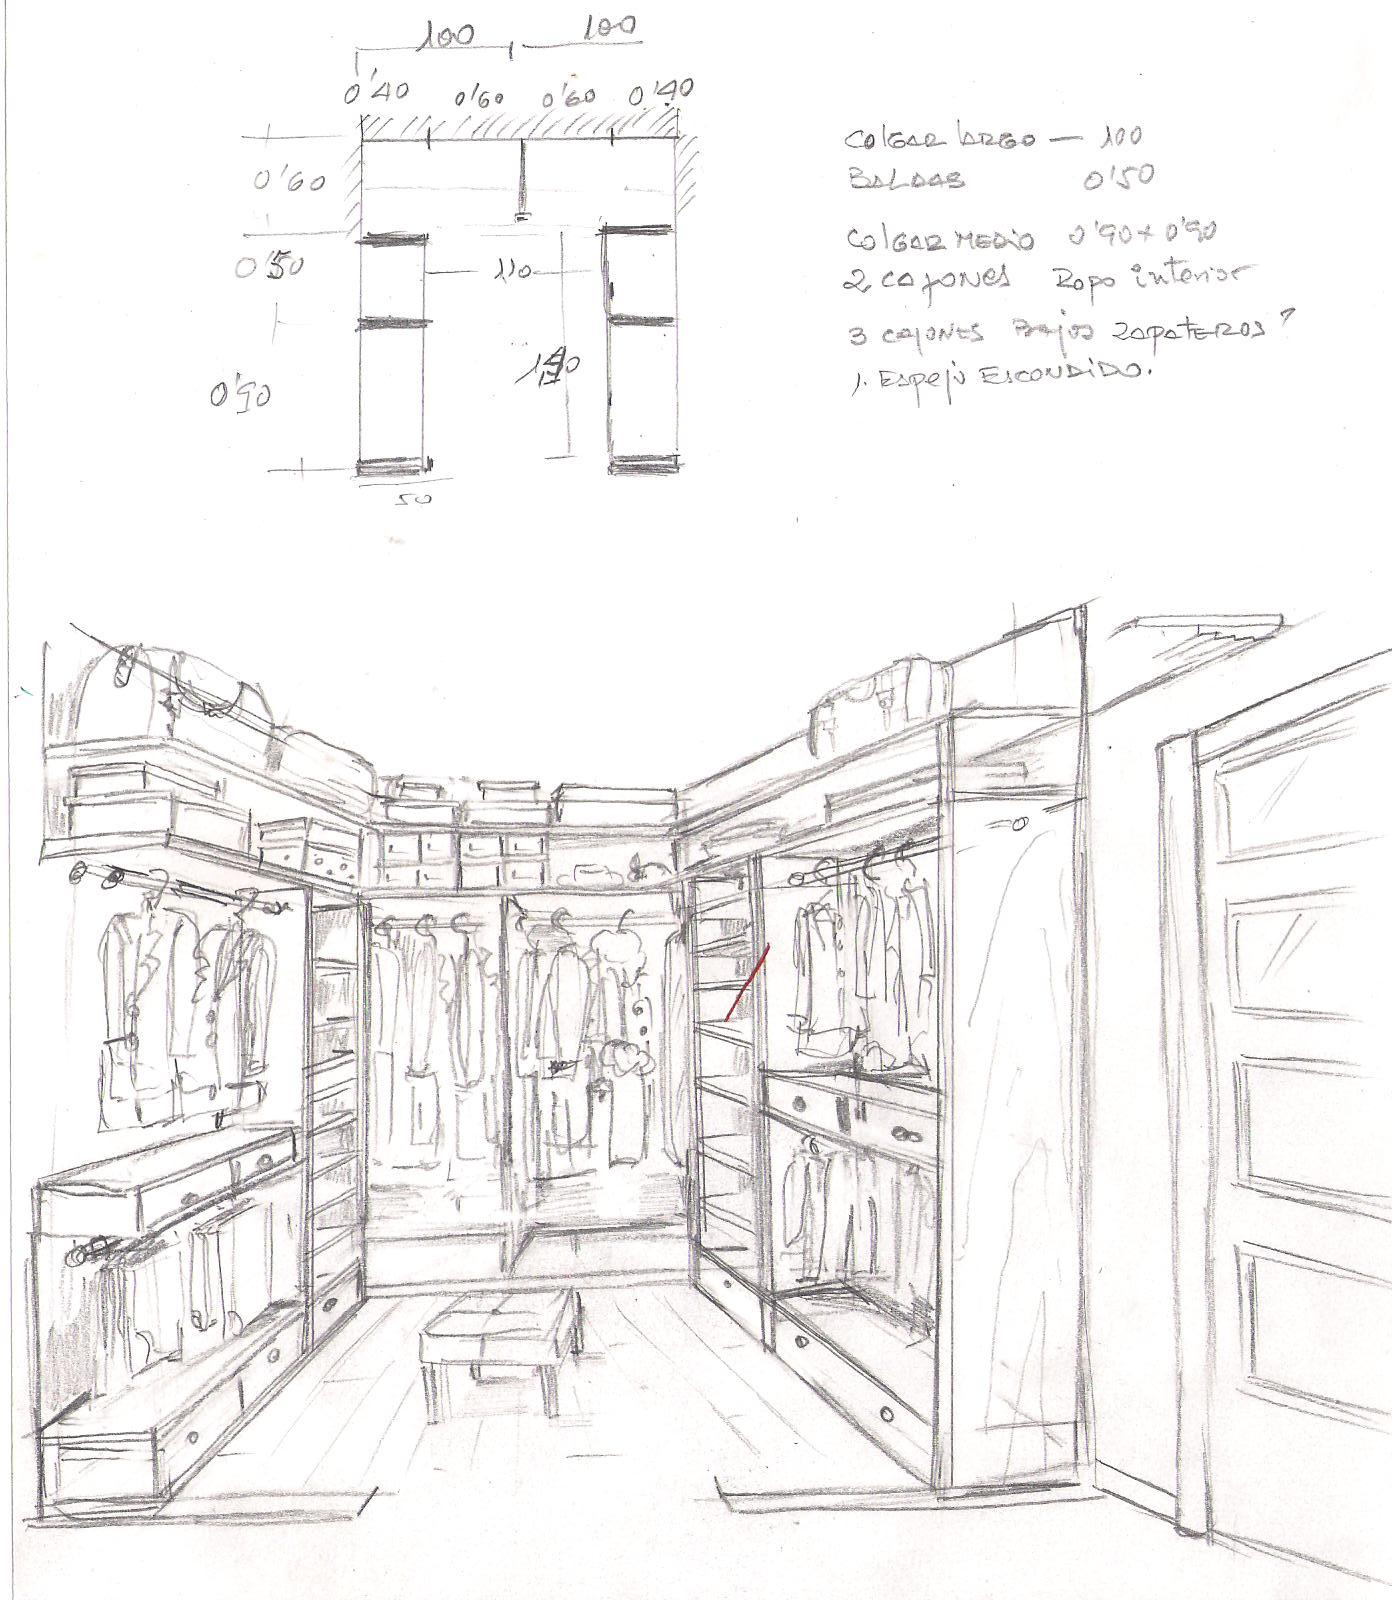 Cambiar Baño Por Vestidor:Interiorismo y Decoracion Lola Torga: UN DORMITORIO TRANSFORMADO EN